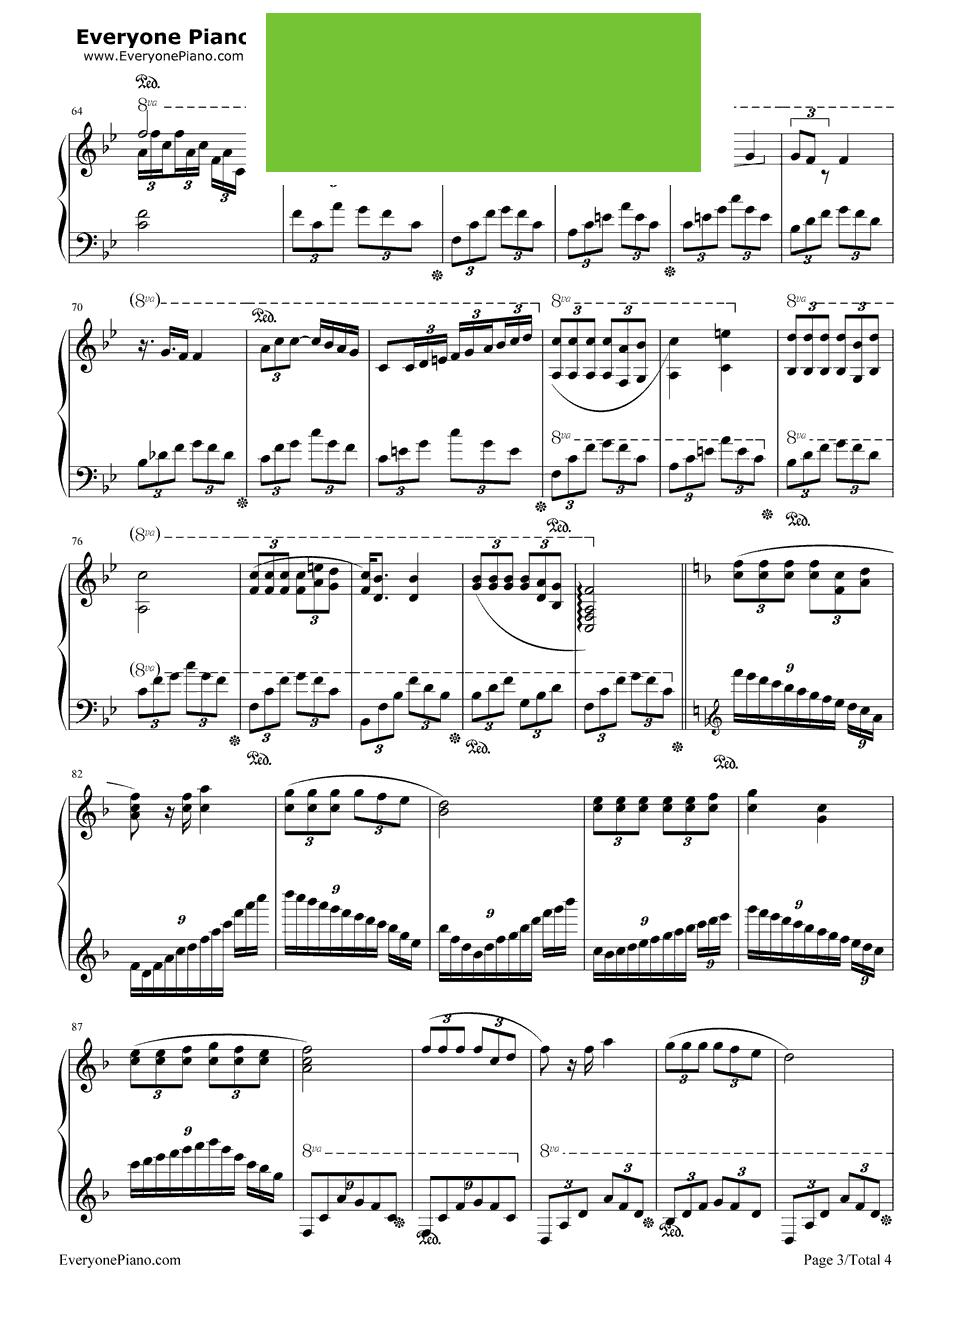 无期伴奏 无期邓紫棋钢琴谱 无期 钢琴 无期钢琴谱